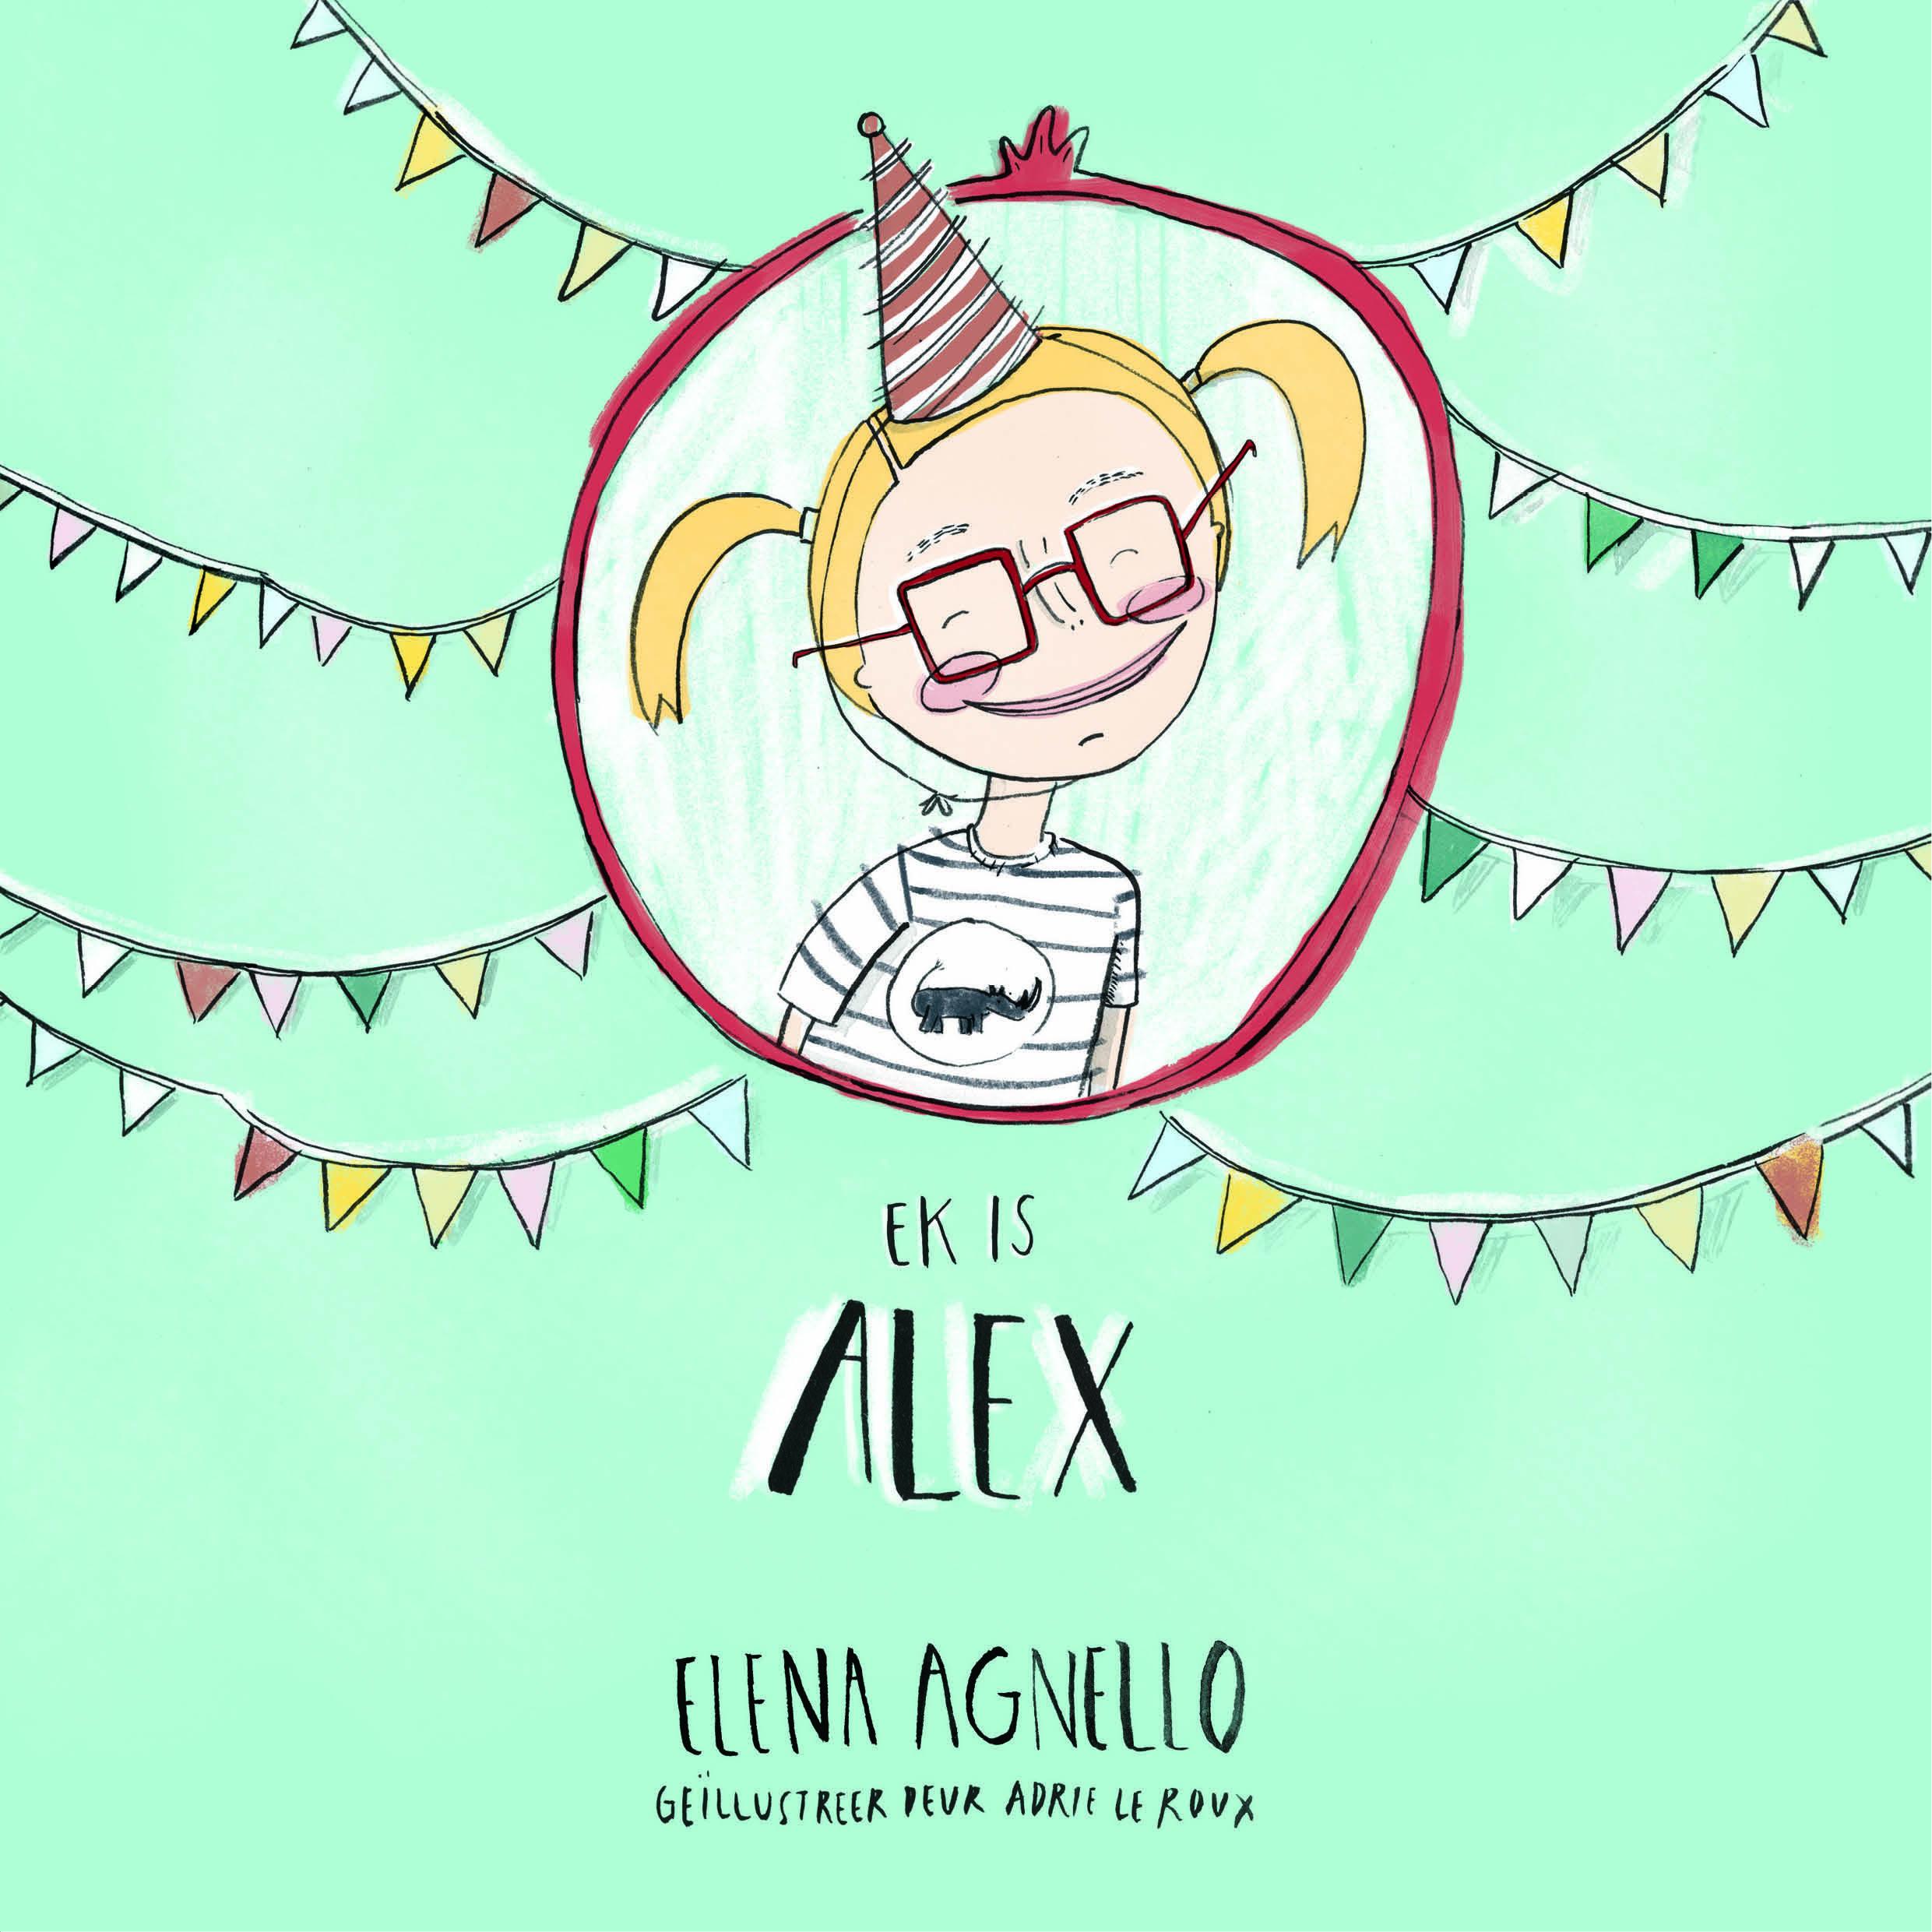 Ek is Alex